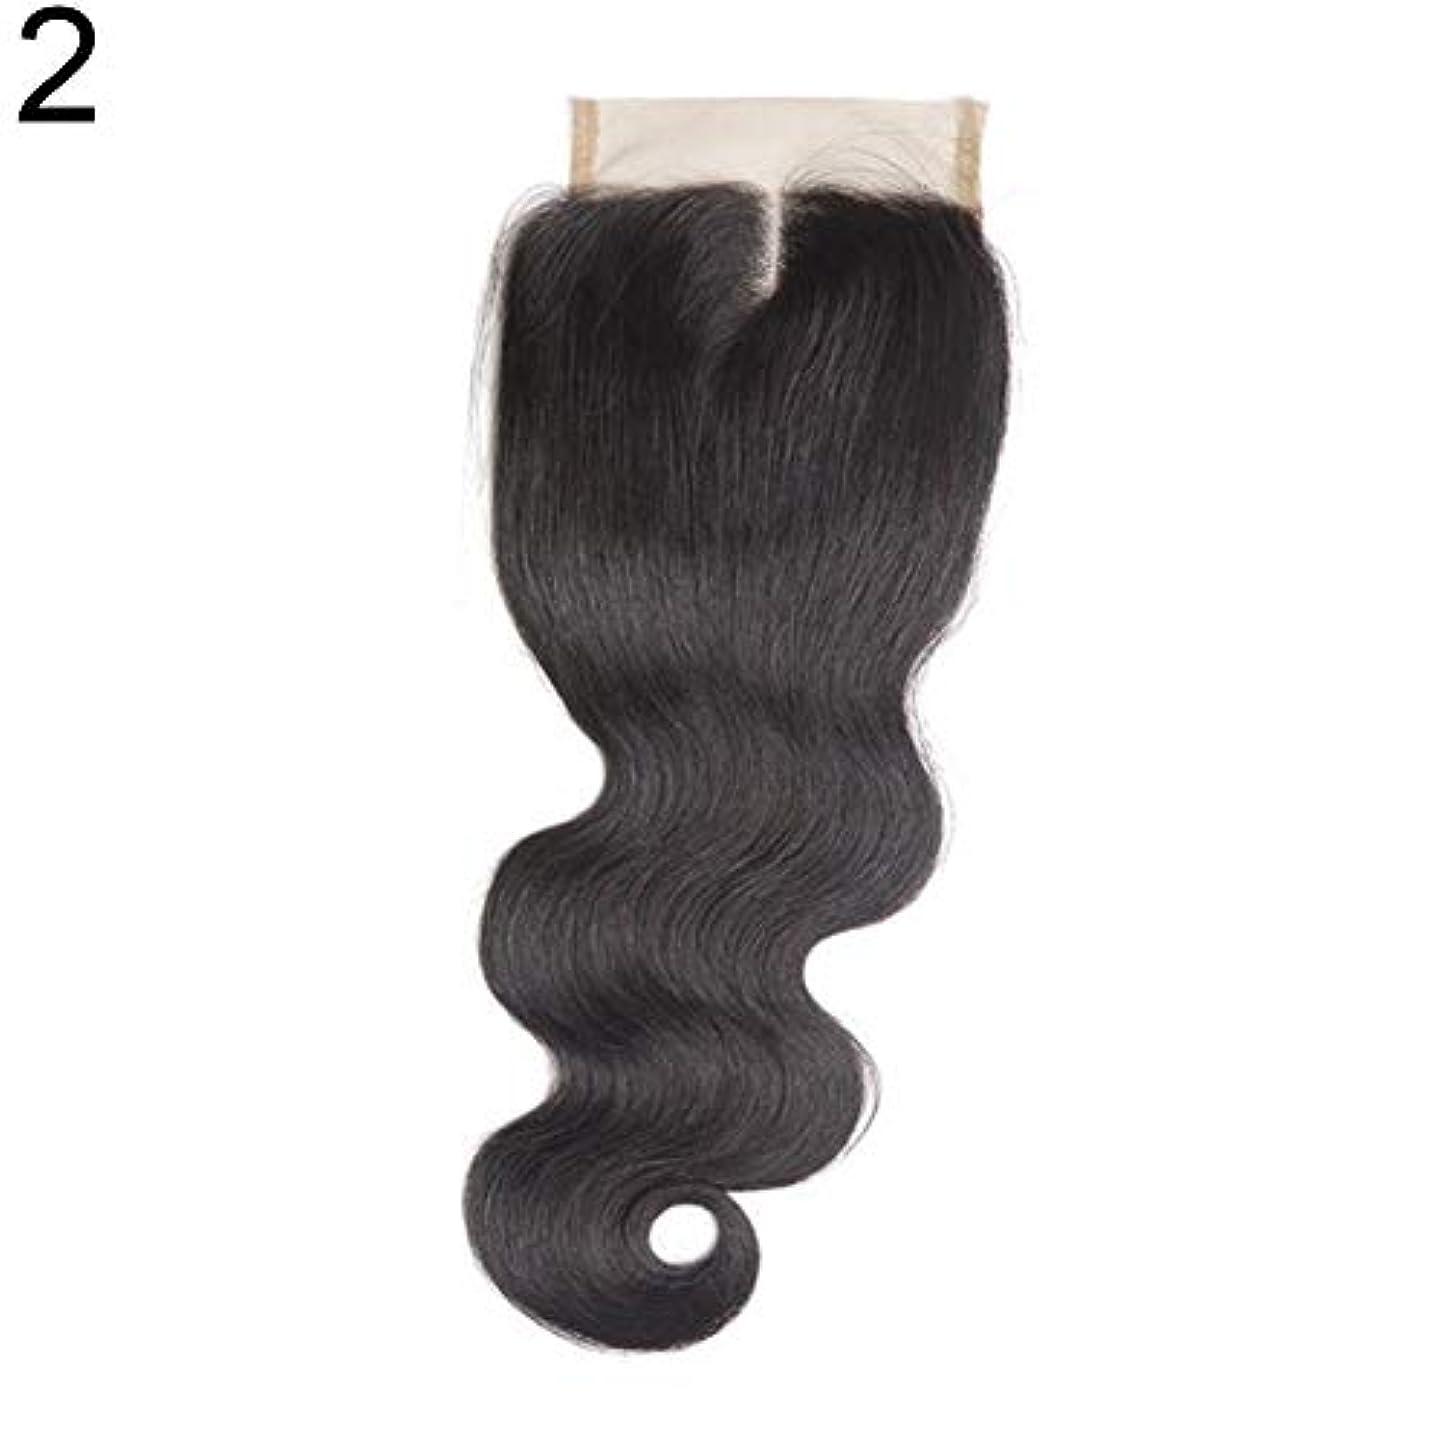 スーパーマーケットキャベツルーキーslQinjiansav女性ウィッグ修理ツールブラジルのミドル/フリー/3部人間の髪のレース閉鎖ウィッグ黒ヘアピース